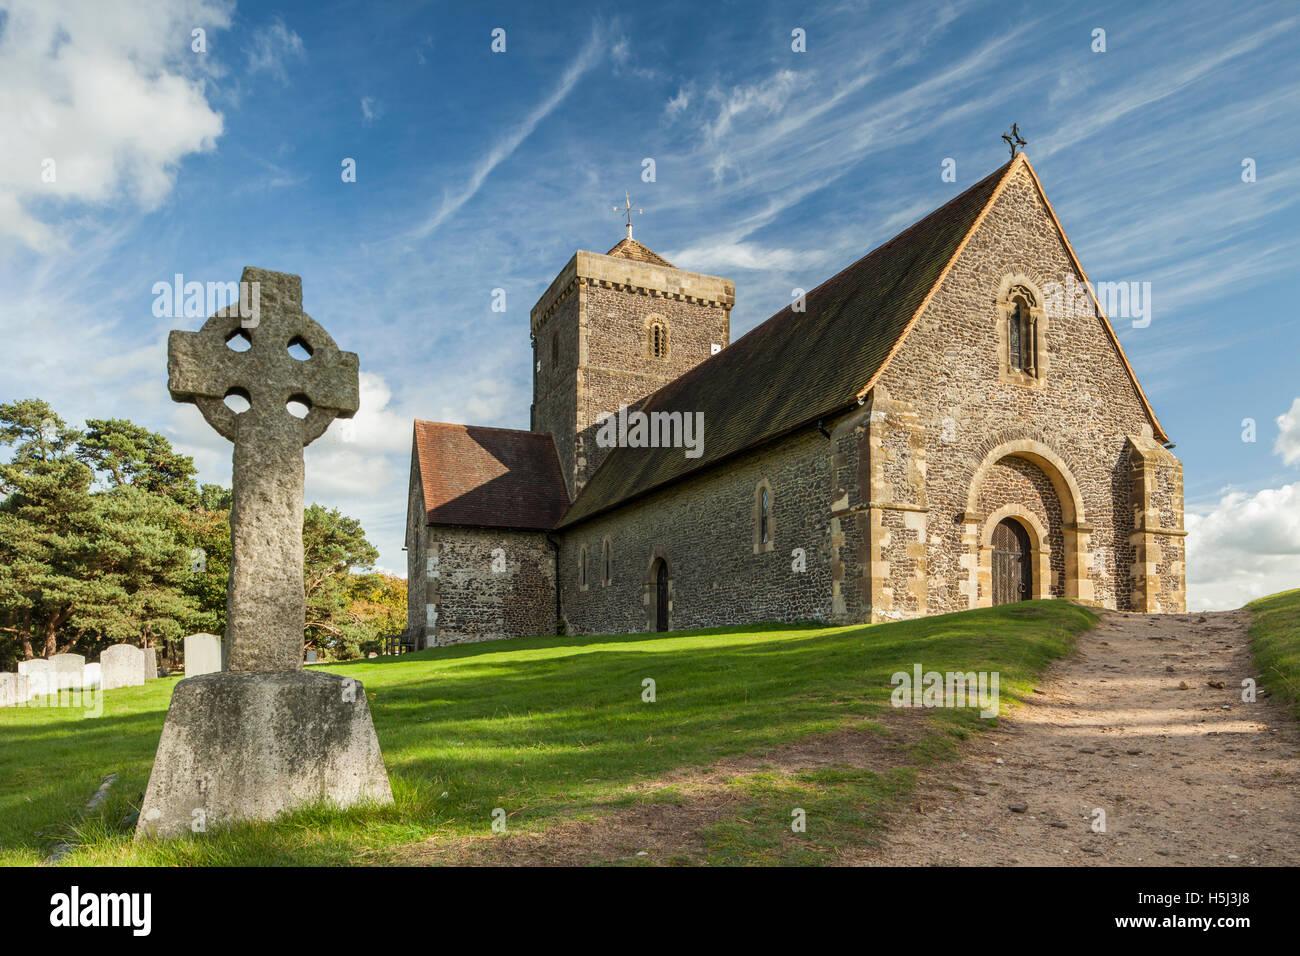 Herbstnachmittag bei der legendären Kirche von St. Martha-on-the-Hill in der Nähe von Chilworth, Surrey, Stockbild